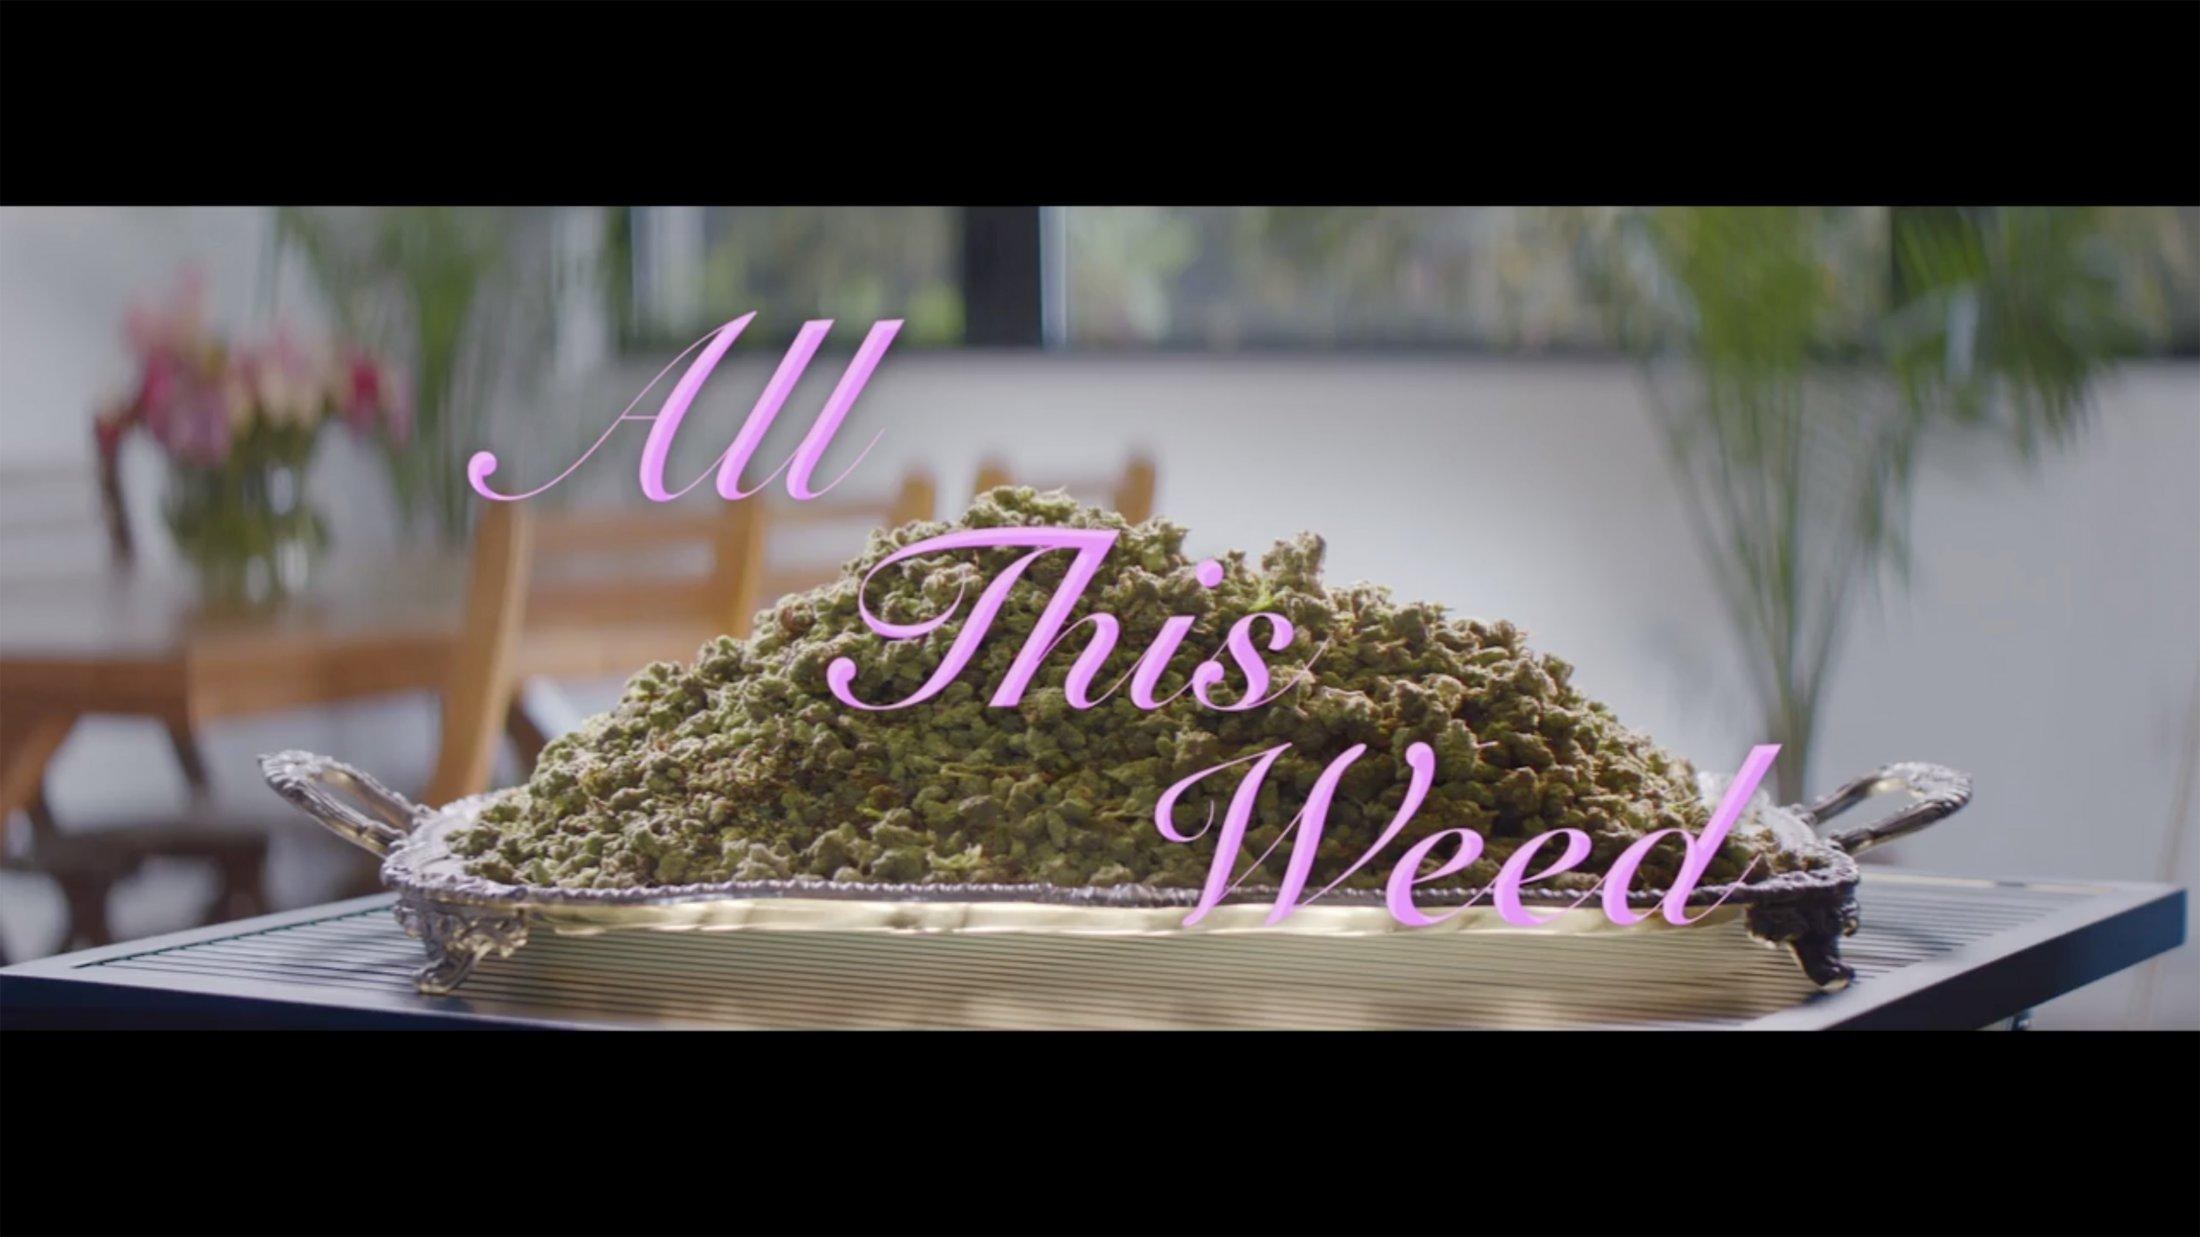 VICELAND: Weed Week Interstitials